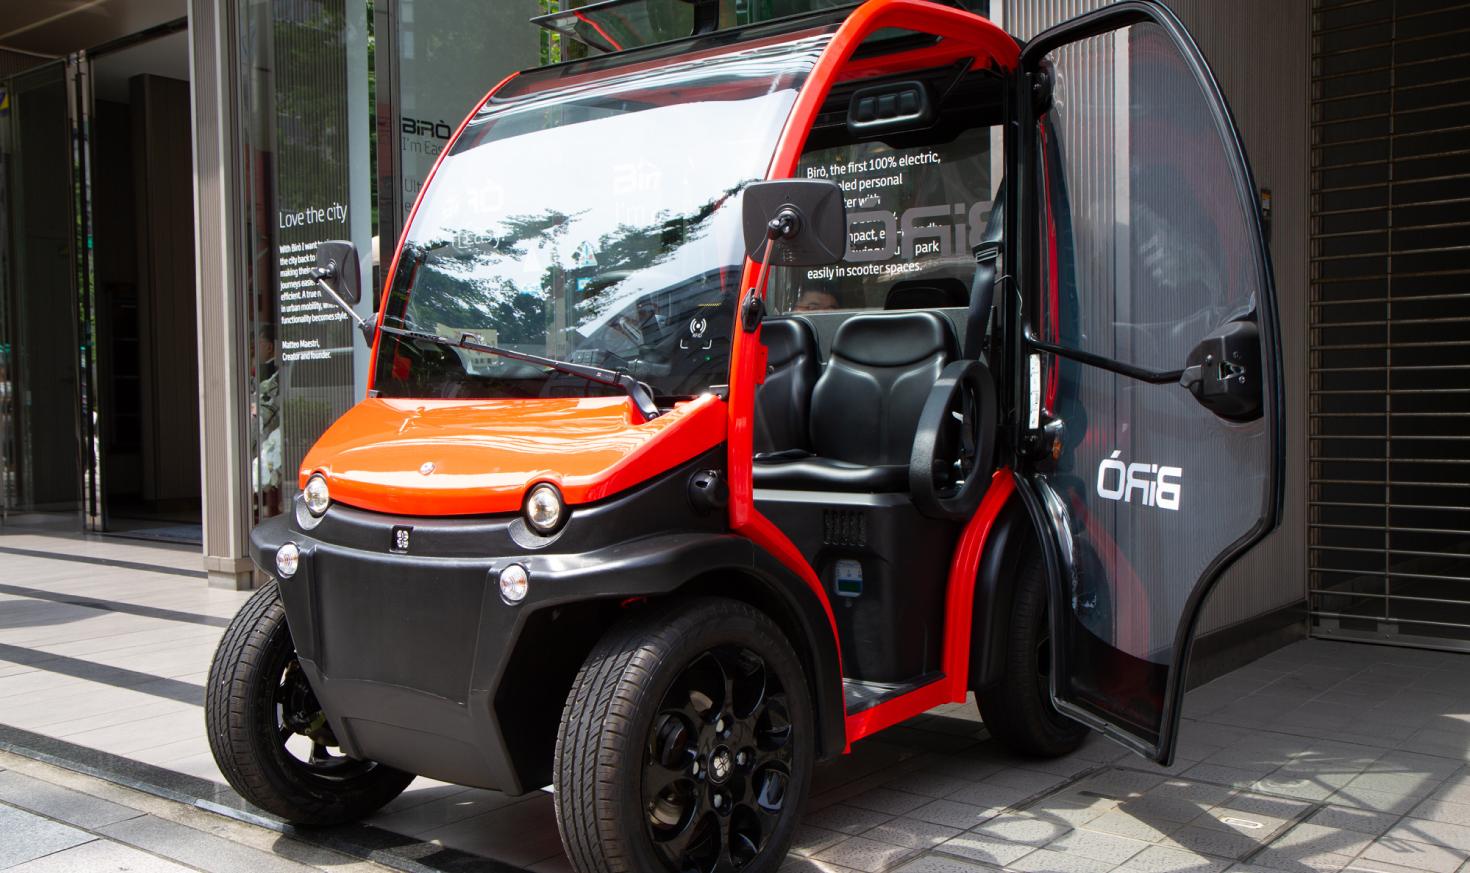 小さいクルマほどデザインが重要なワケ  イタリアからきた小型EV、BIRO試乗レポート